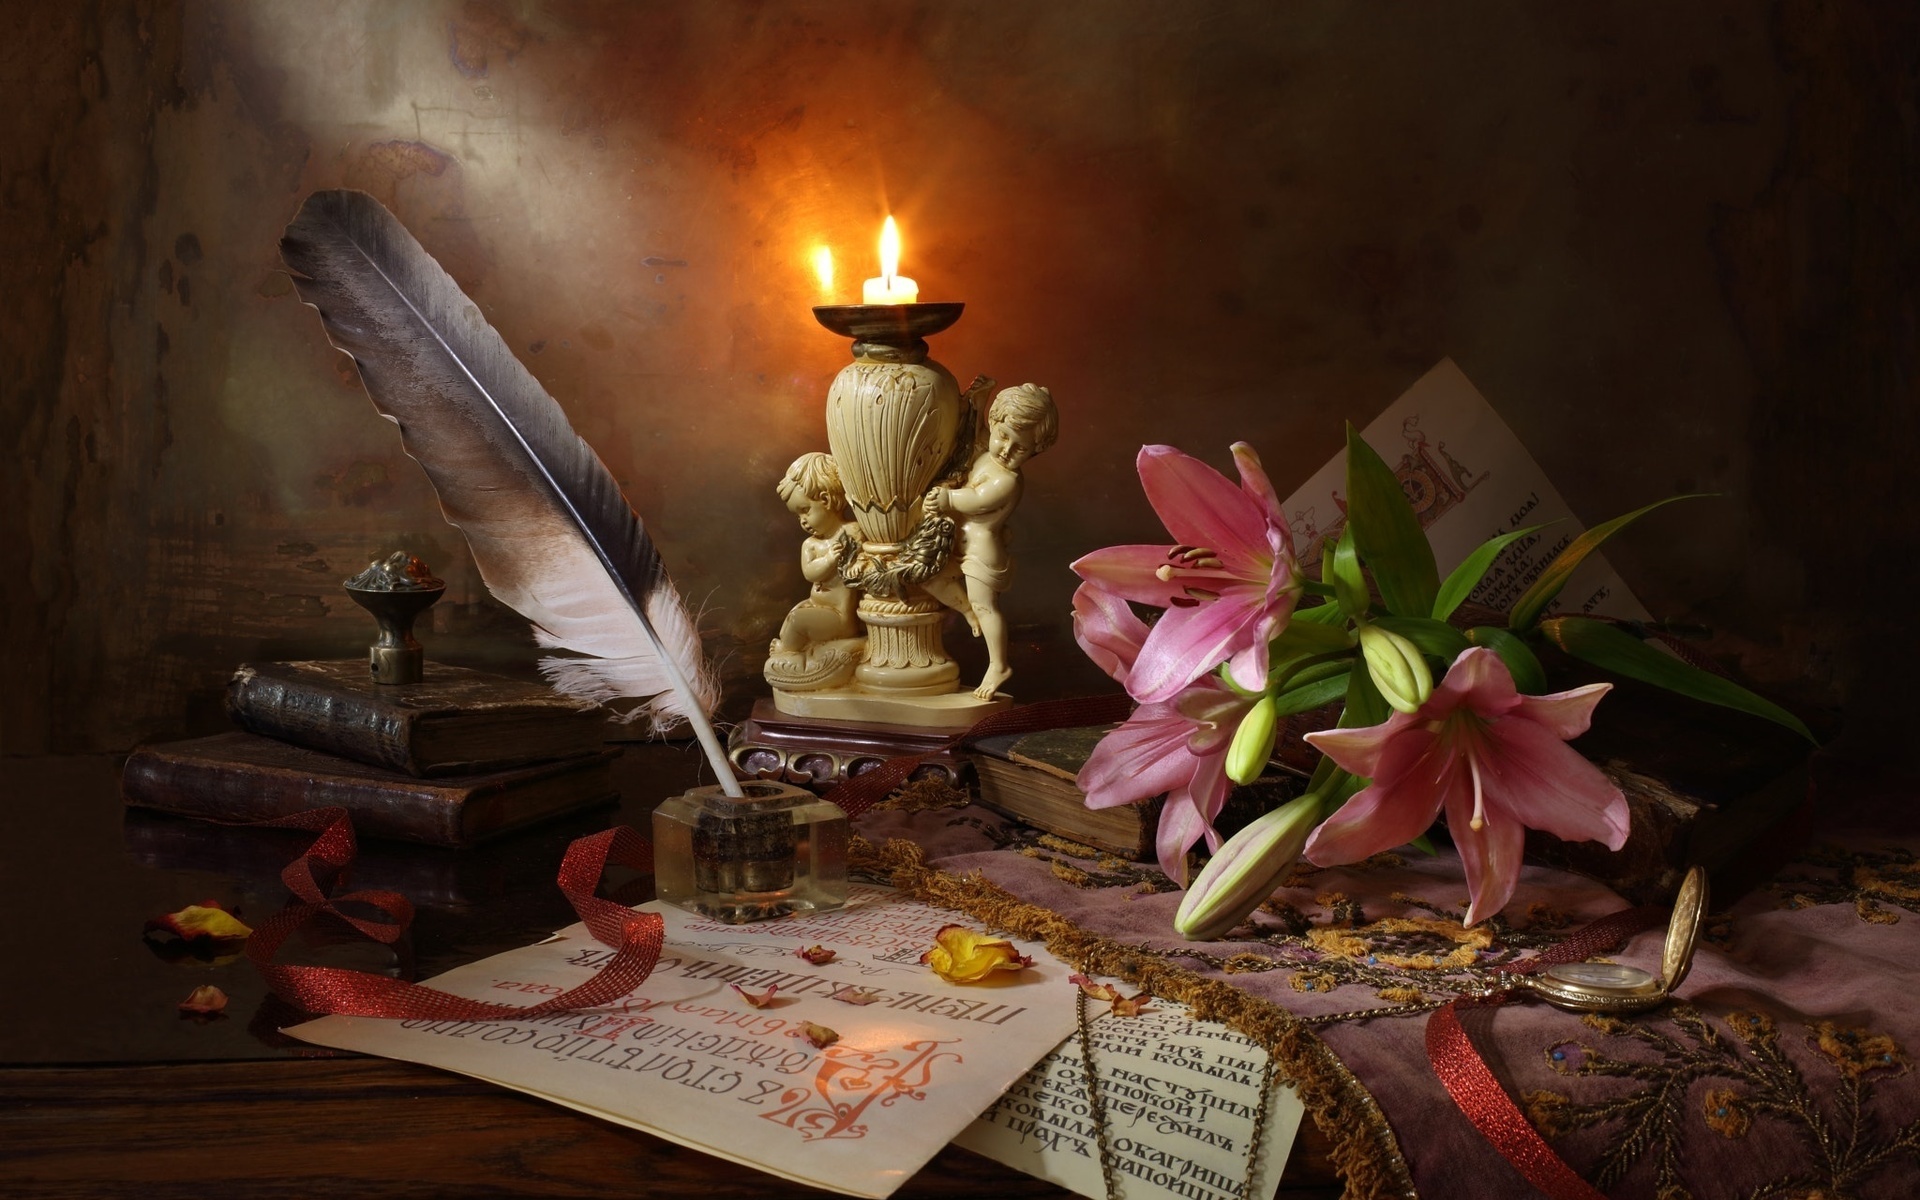 фото с пером и книгой франции